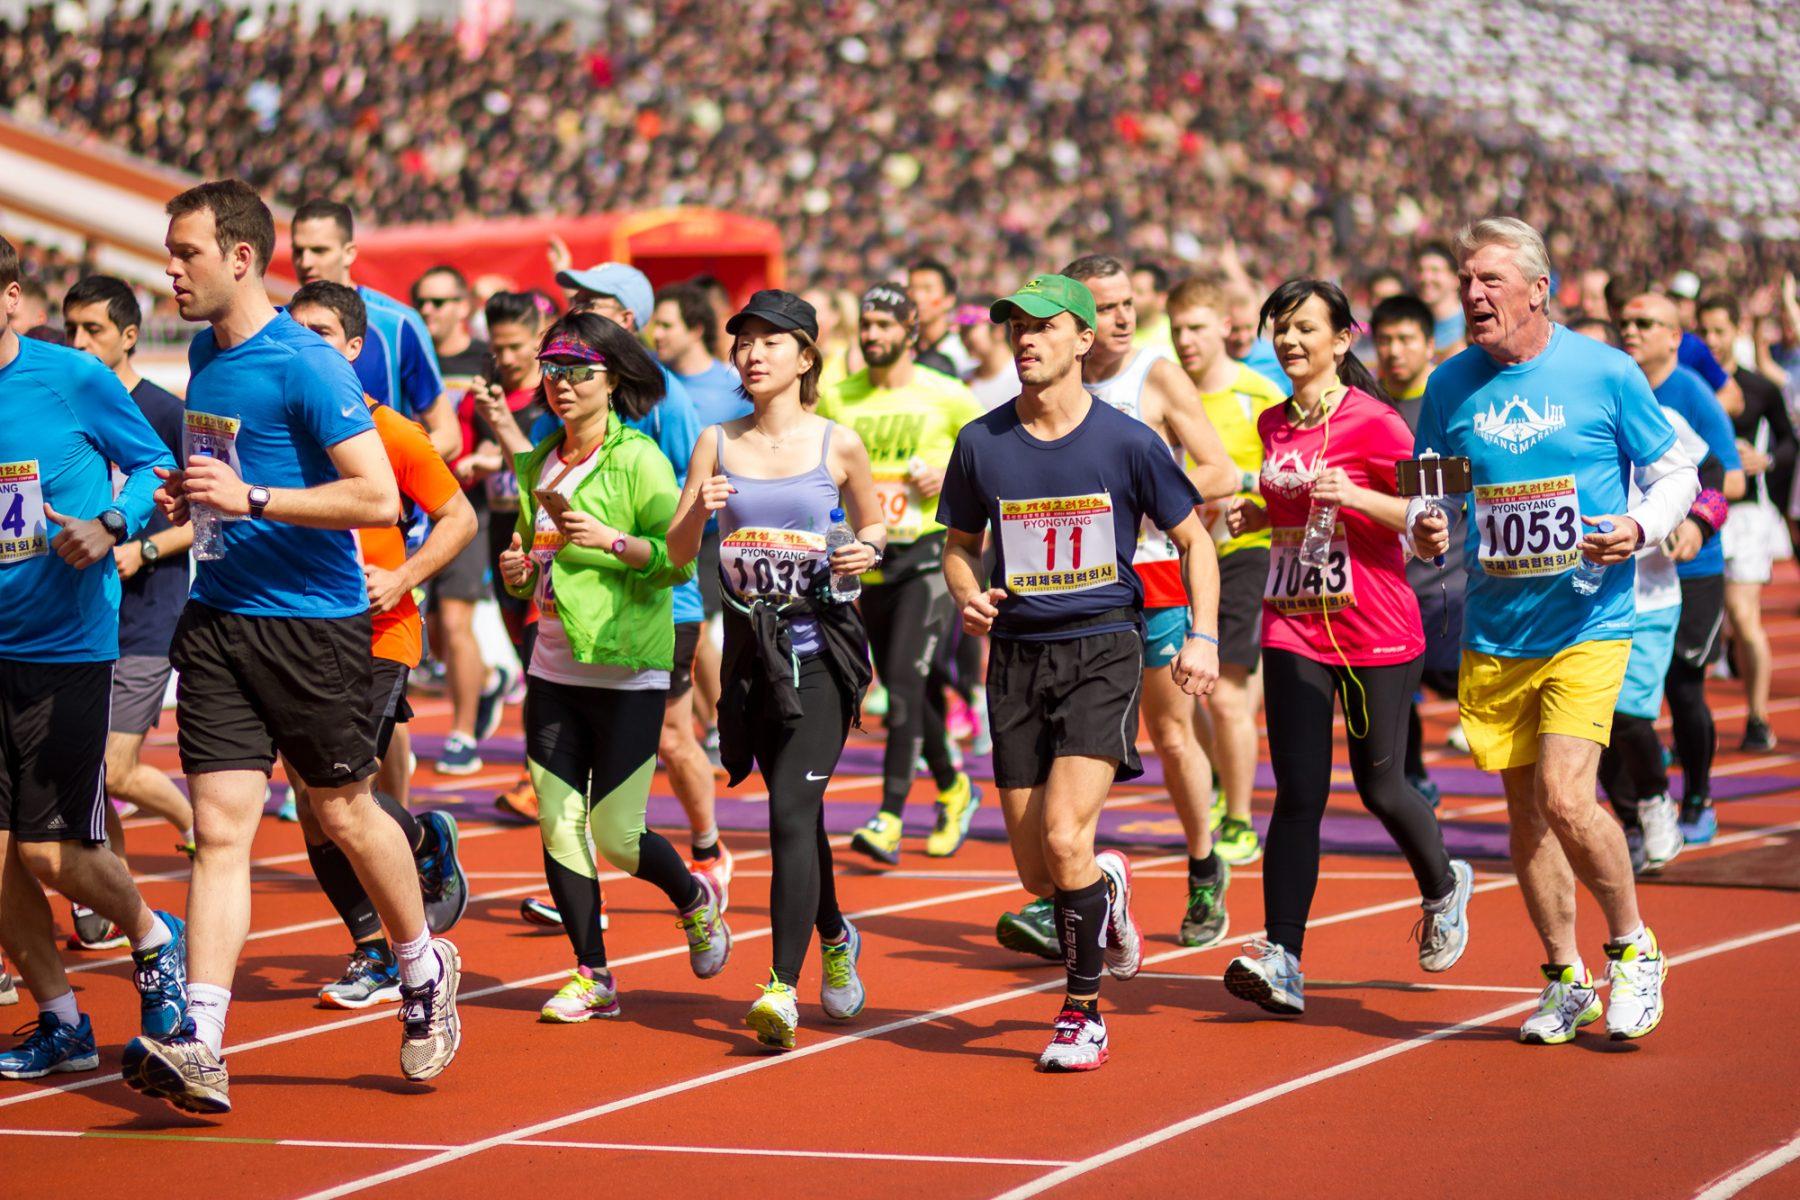 starting line during the Pyongyang Marathon